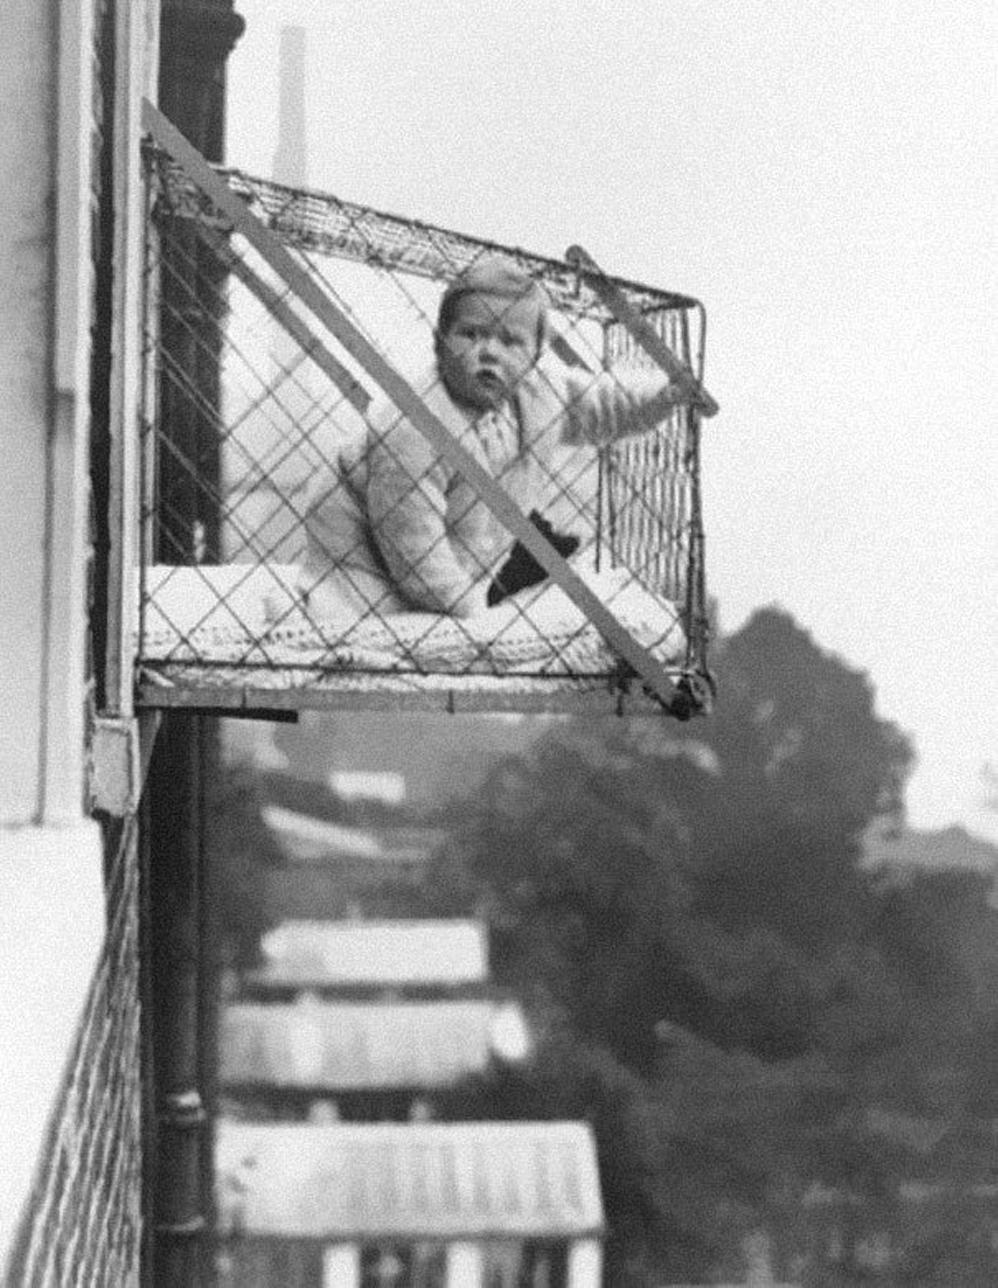 'Jaulas bebé' utilizadas para asegurar que los niños recibieran suficiente luz solar y aire fresco en edificios o apartamentos, 1937